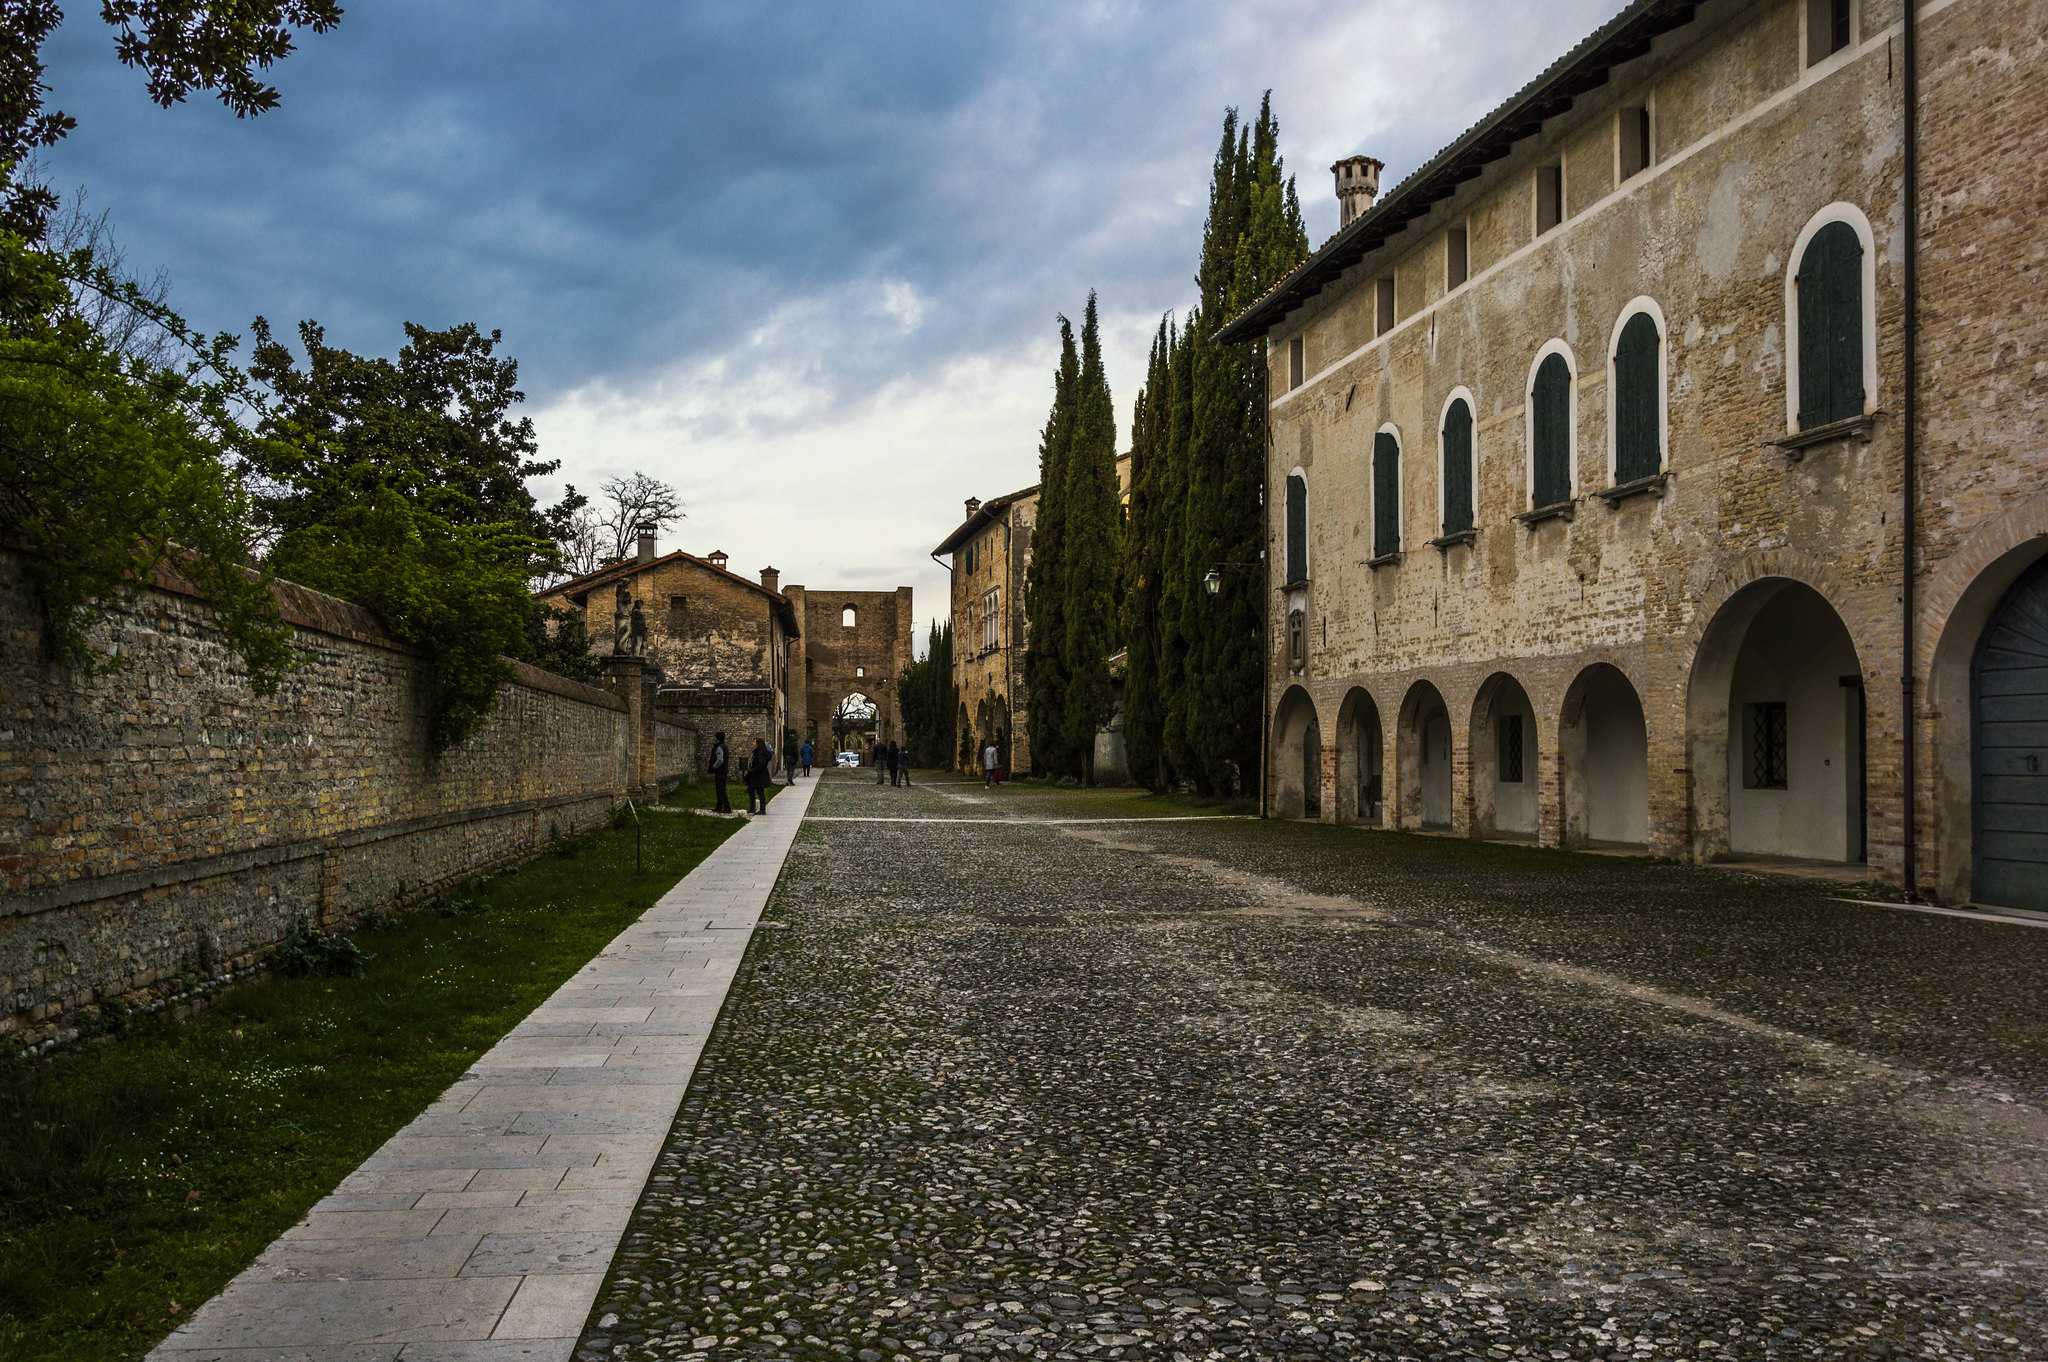 borghi antichi friuli venezia giulia